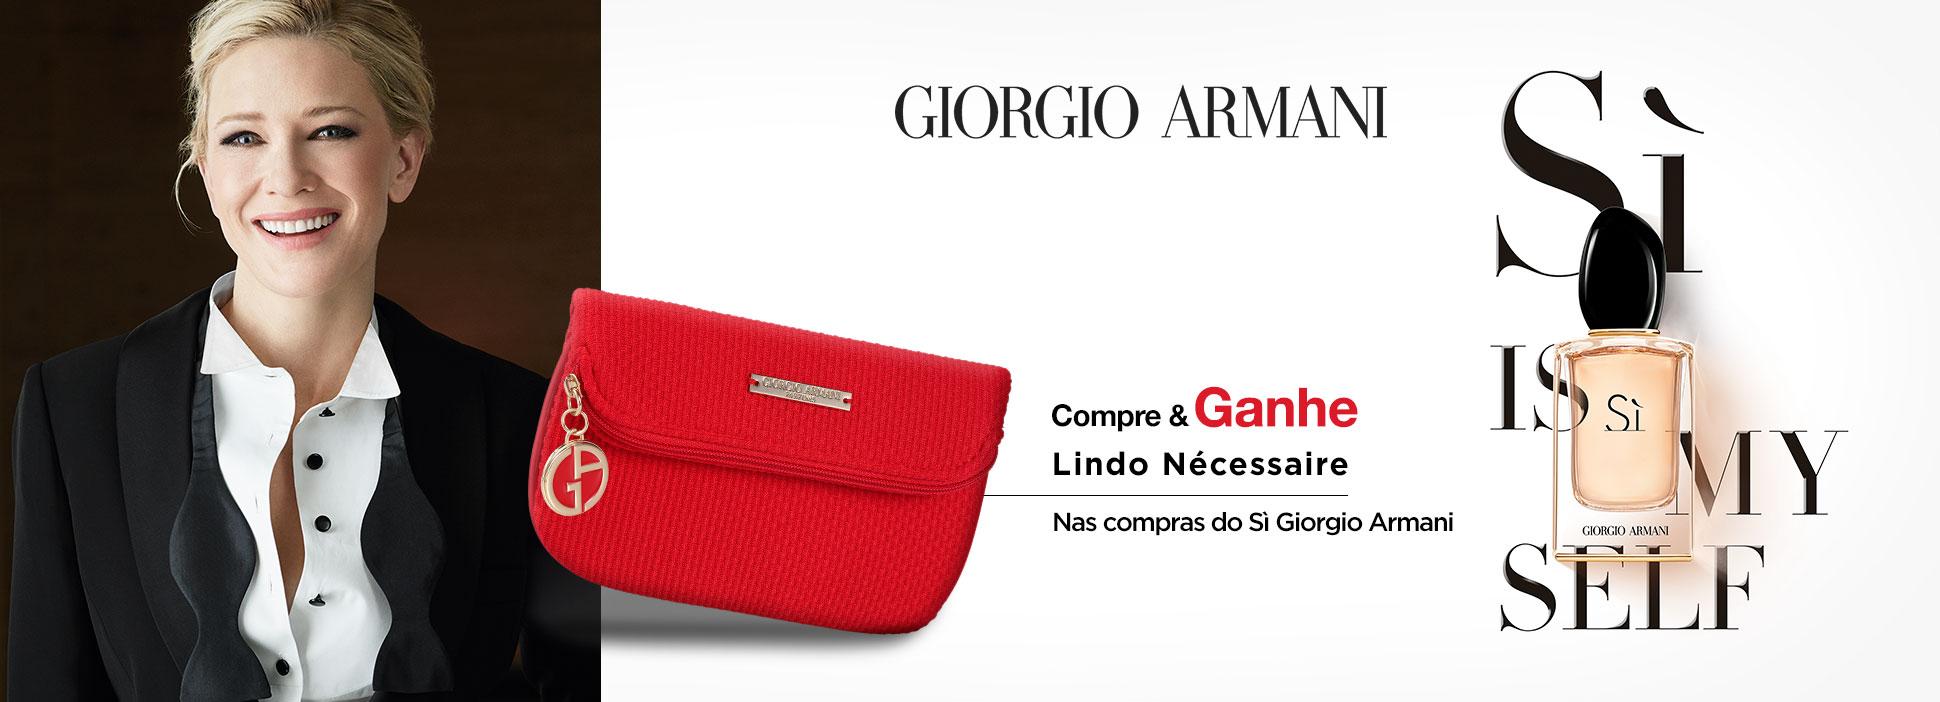 Giorgio Armani Beleza na Web